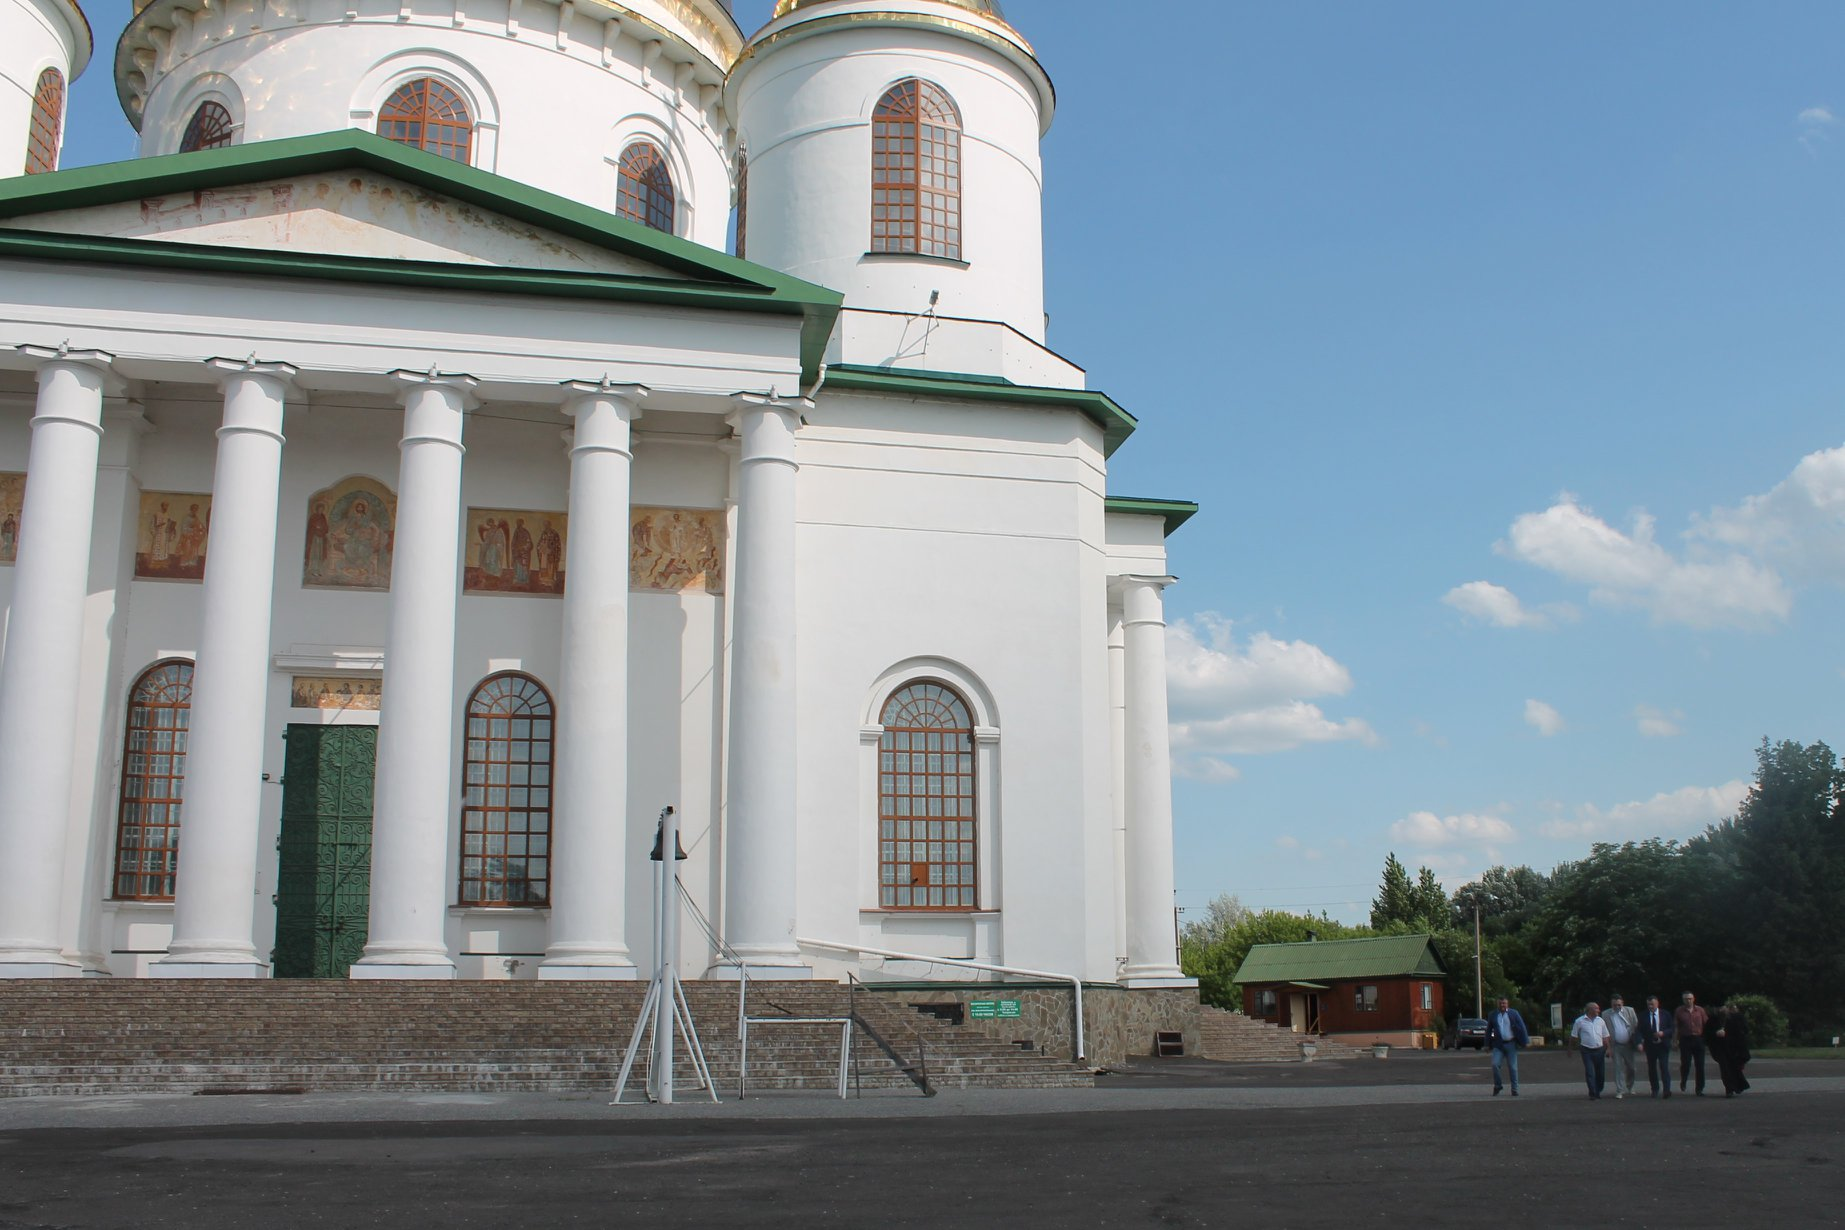 Губернатор высоко оценил реконструкцию городского сада в Моршанске